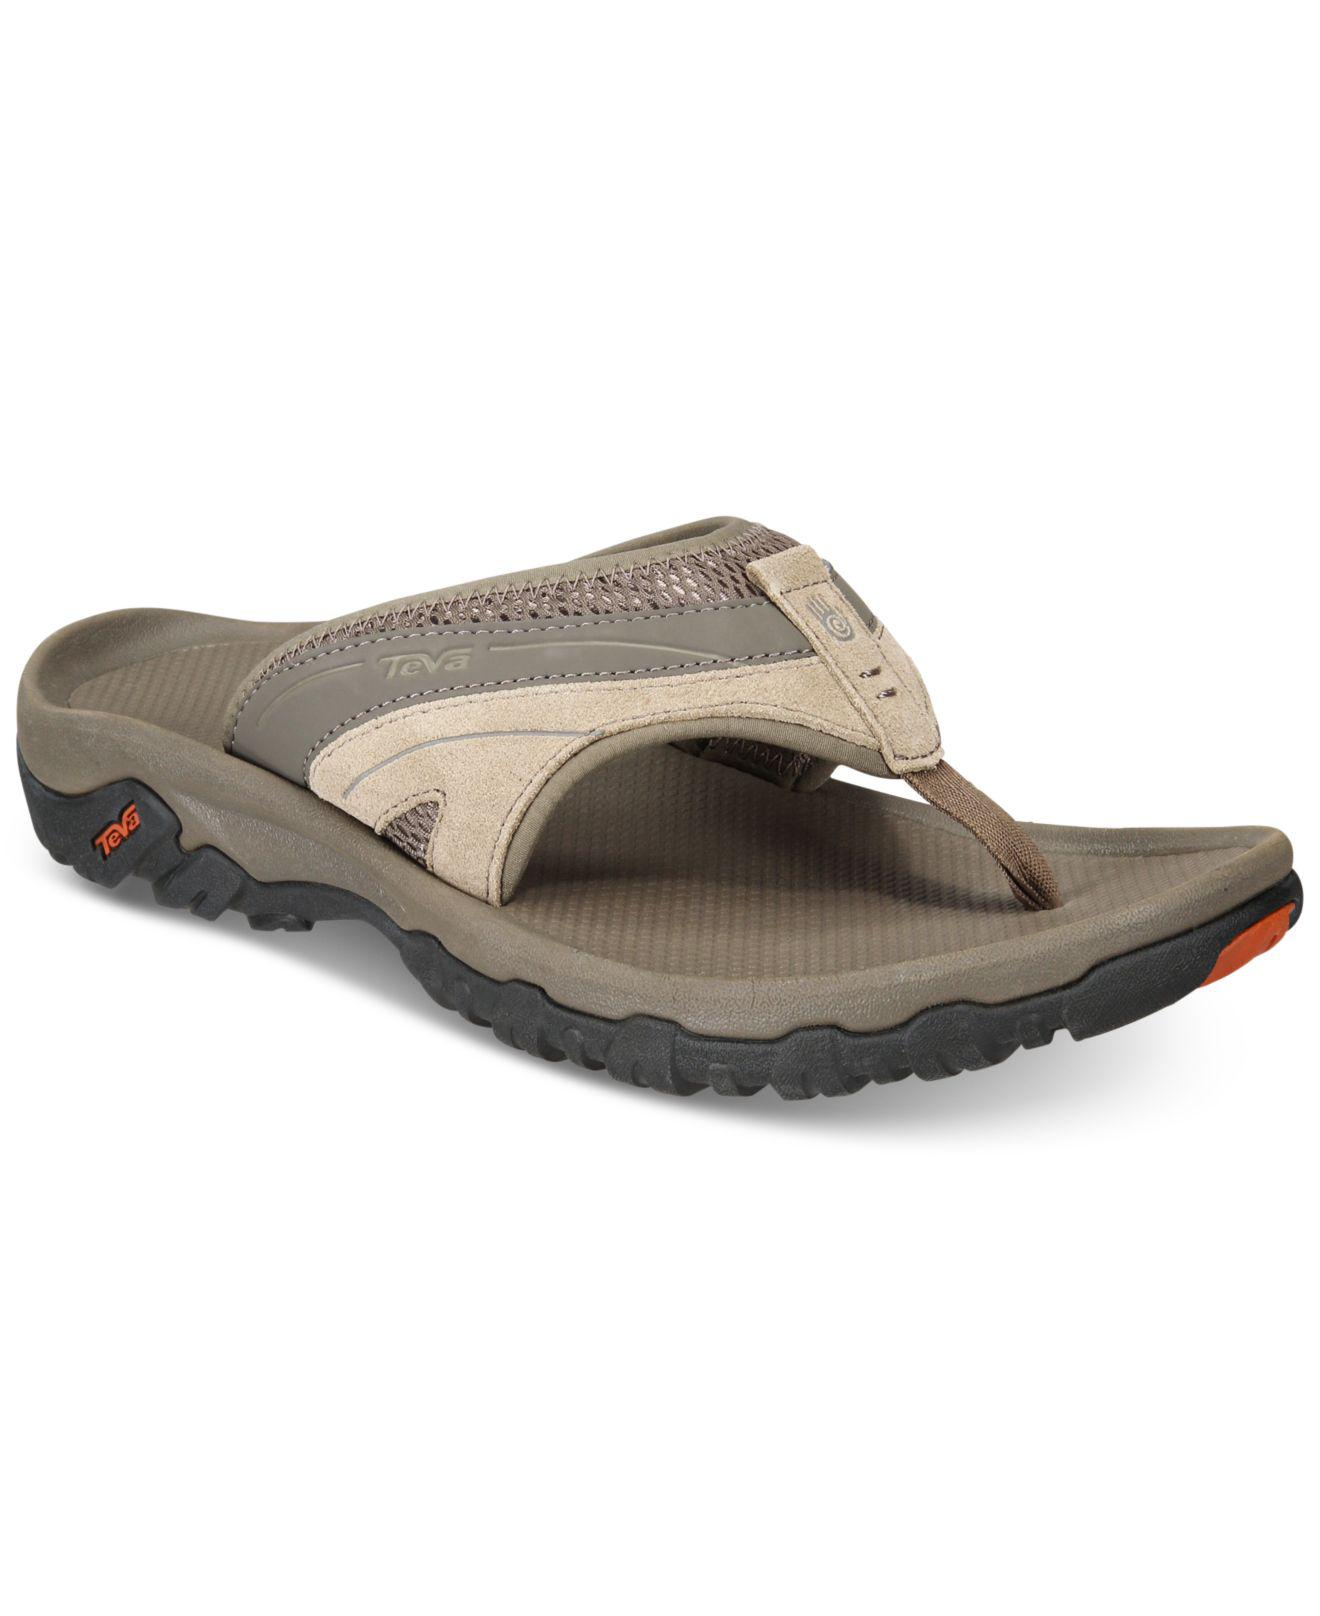 32912db9ac79 Lyst - Teva Pajaro Water-resistant Sandals for Men